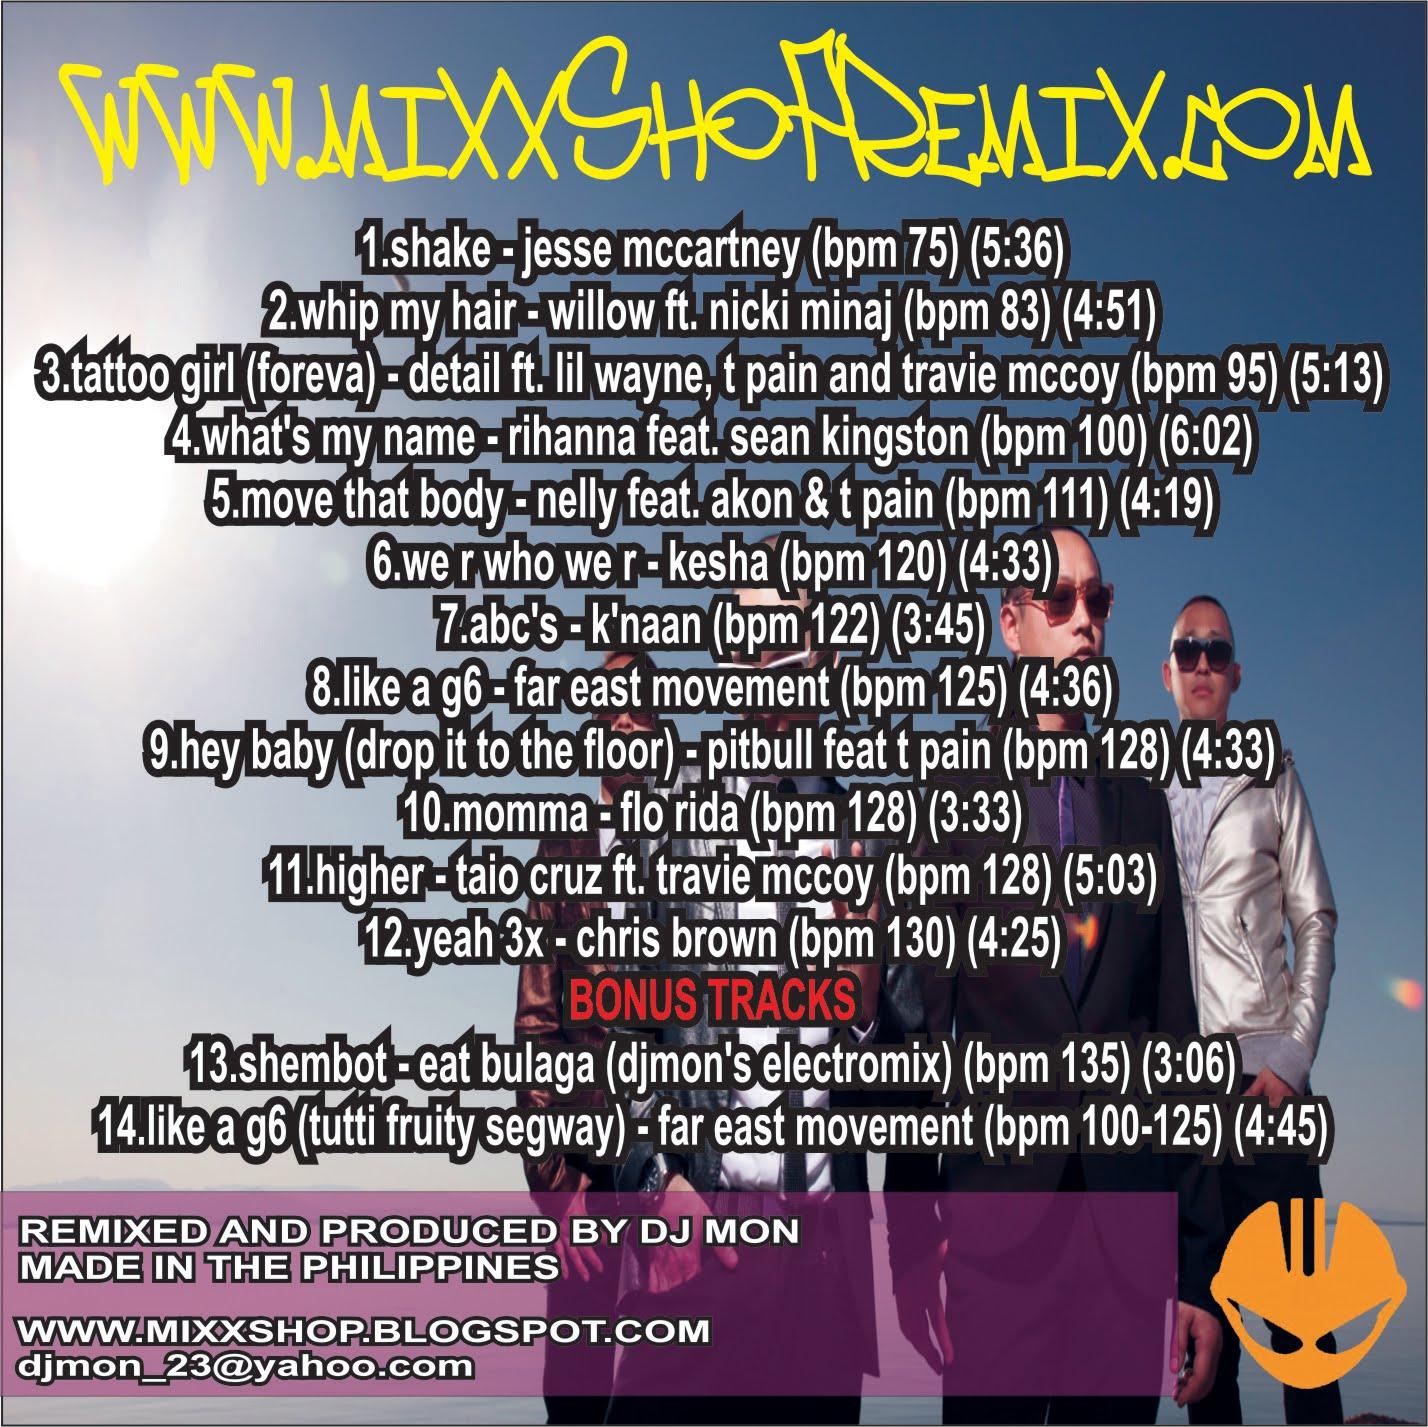 http://1.bp.blogspot.com/_dFnajBZBpoY/TQiO--1rXHI/AAAAAAAAAVE/CmbQgl_cydA/s1600/mixxshop%2Burban%2Bseries%2Bvol%2B36%2Bback.jpg